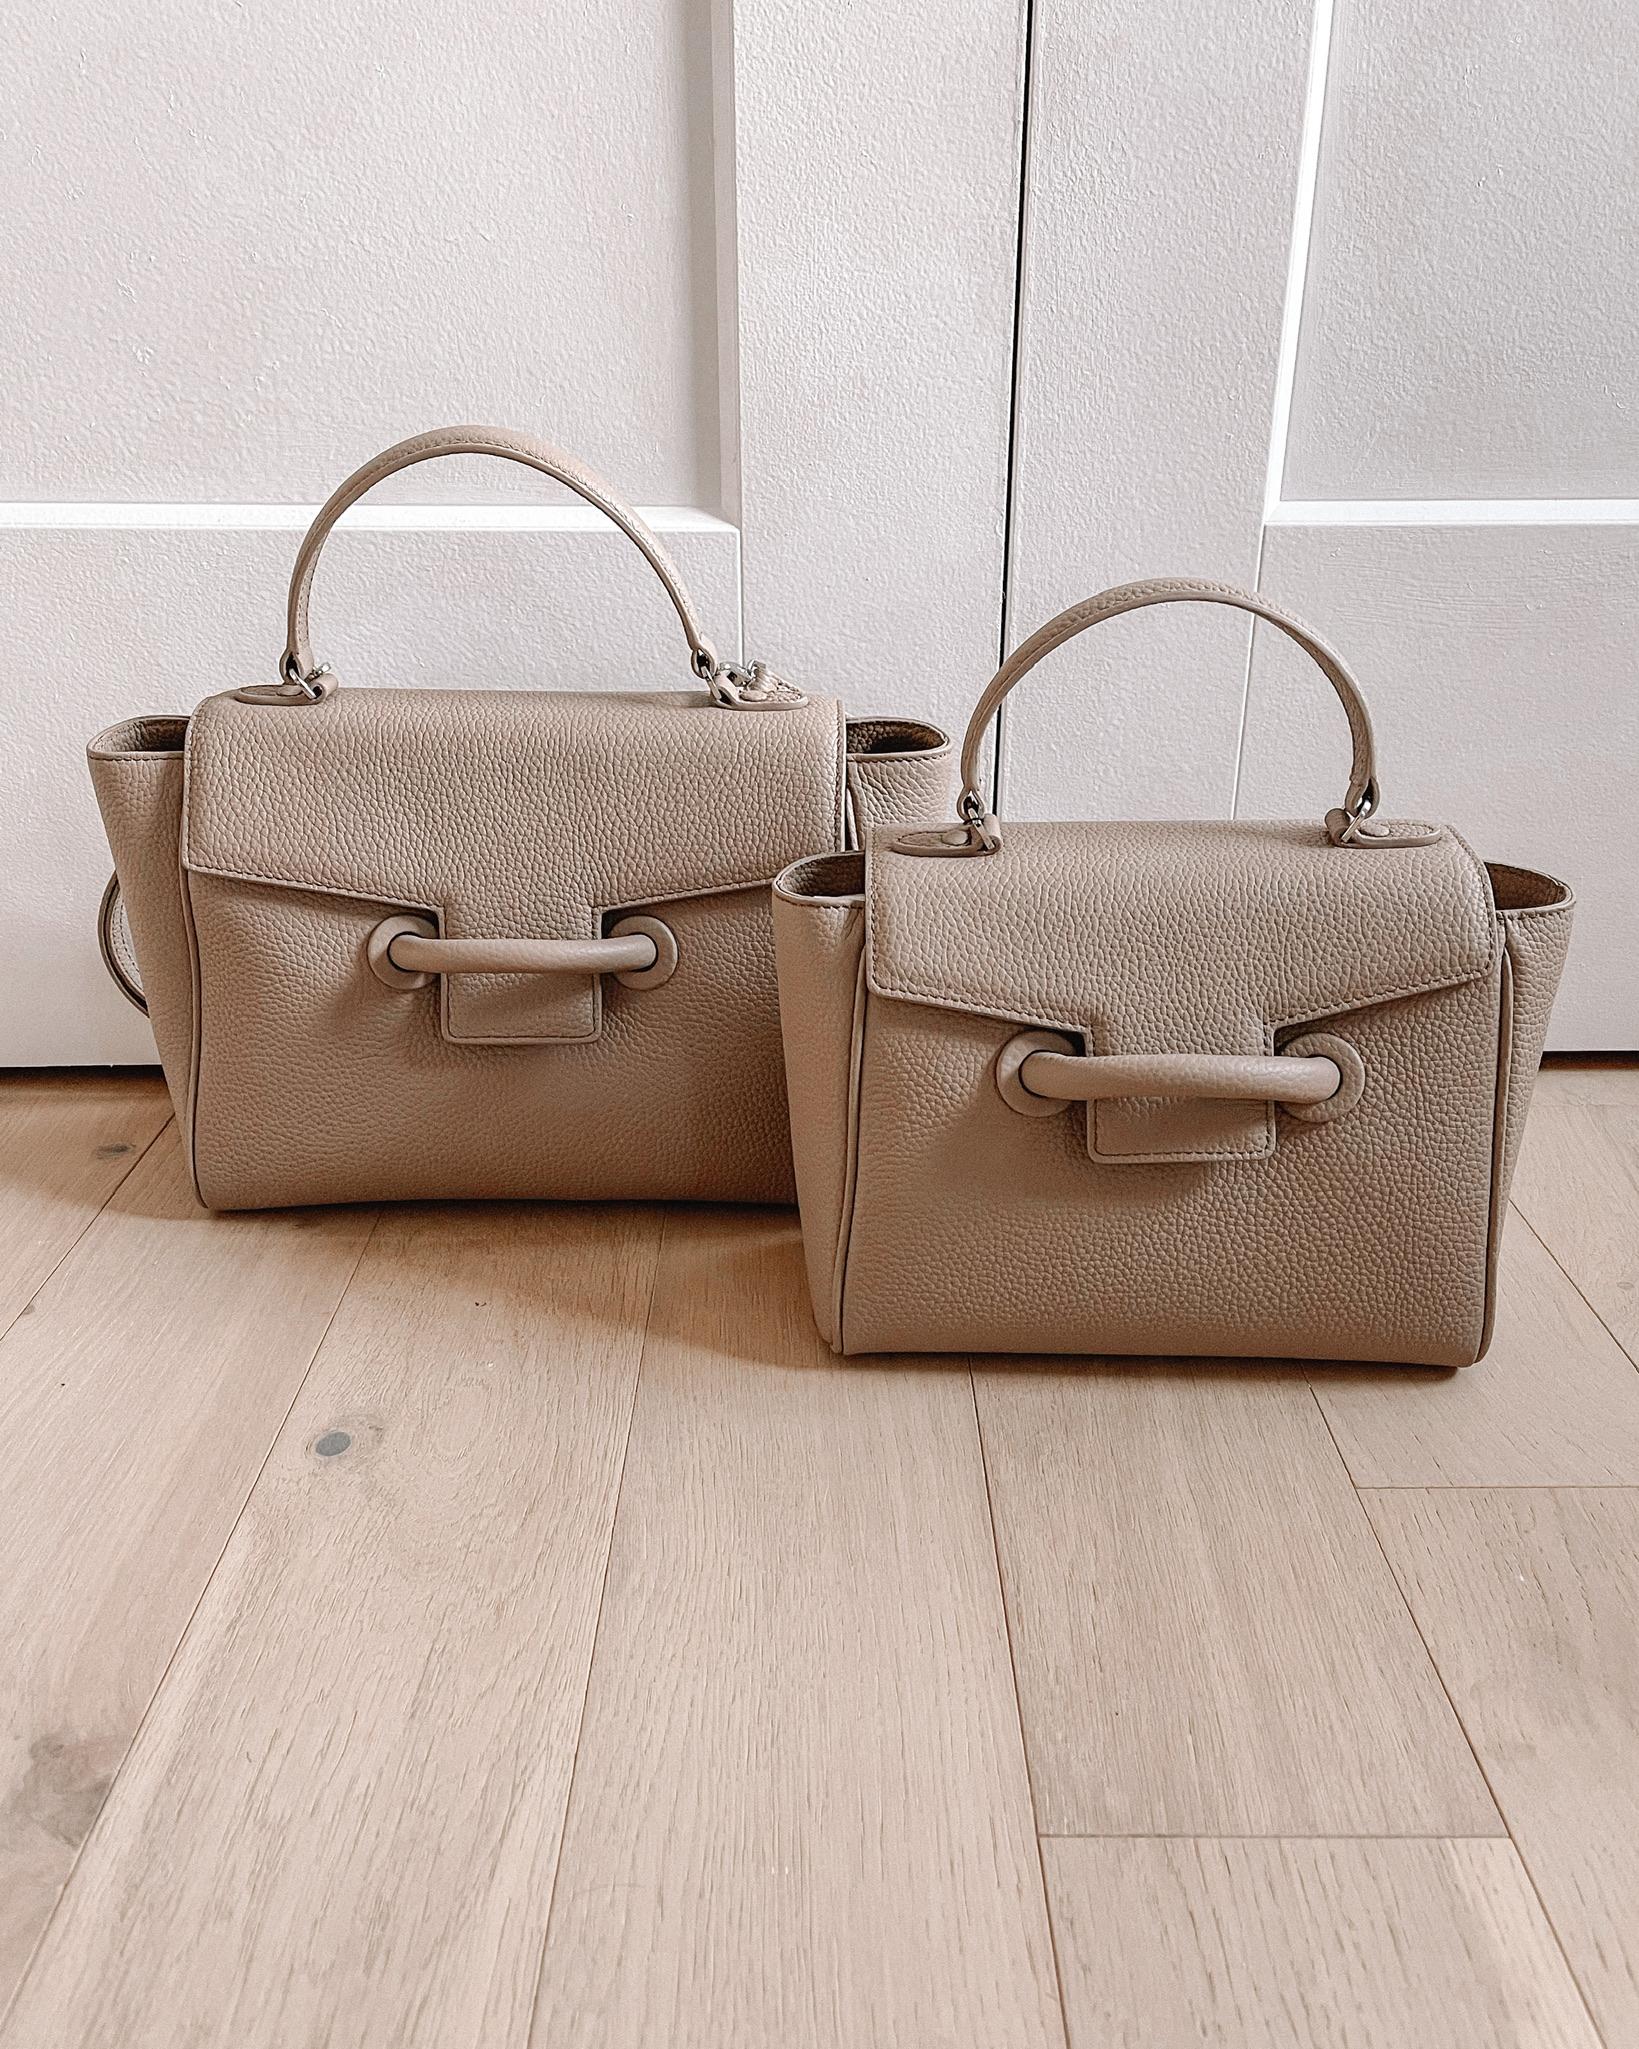 Fashion Jackson Shopbop Tan Handbags